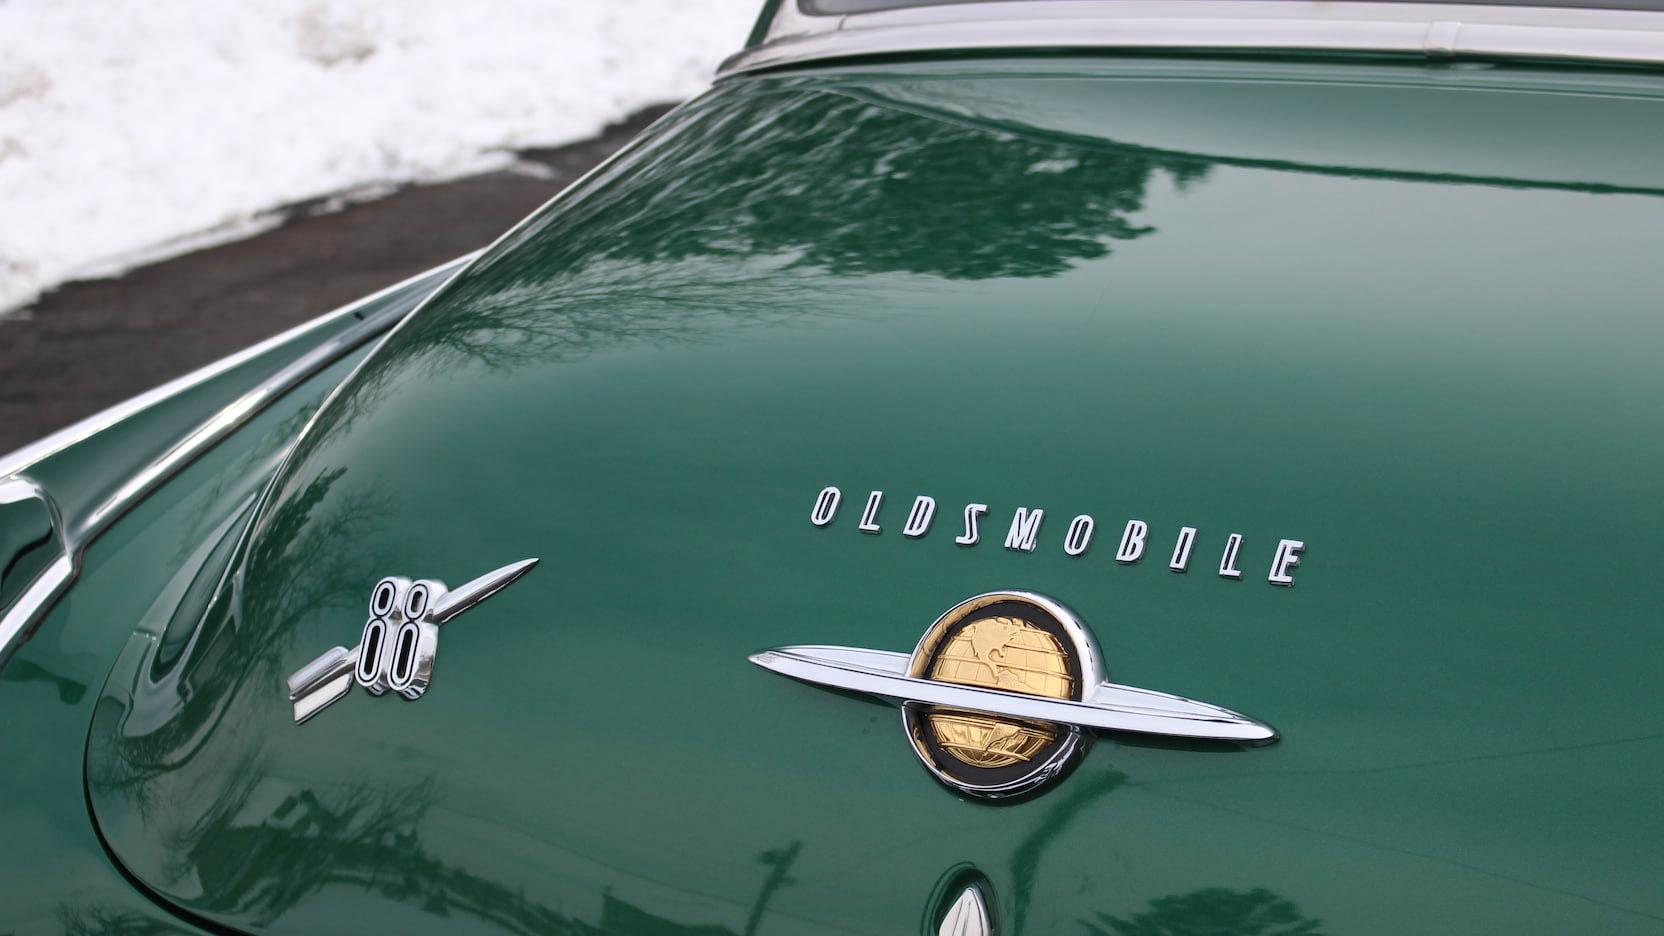 1950 Oldsmobile 88 badge